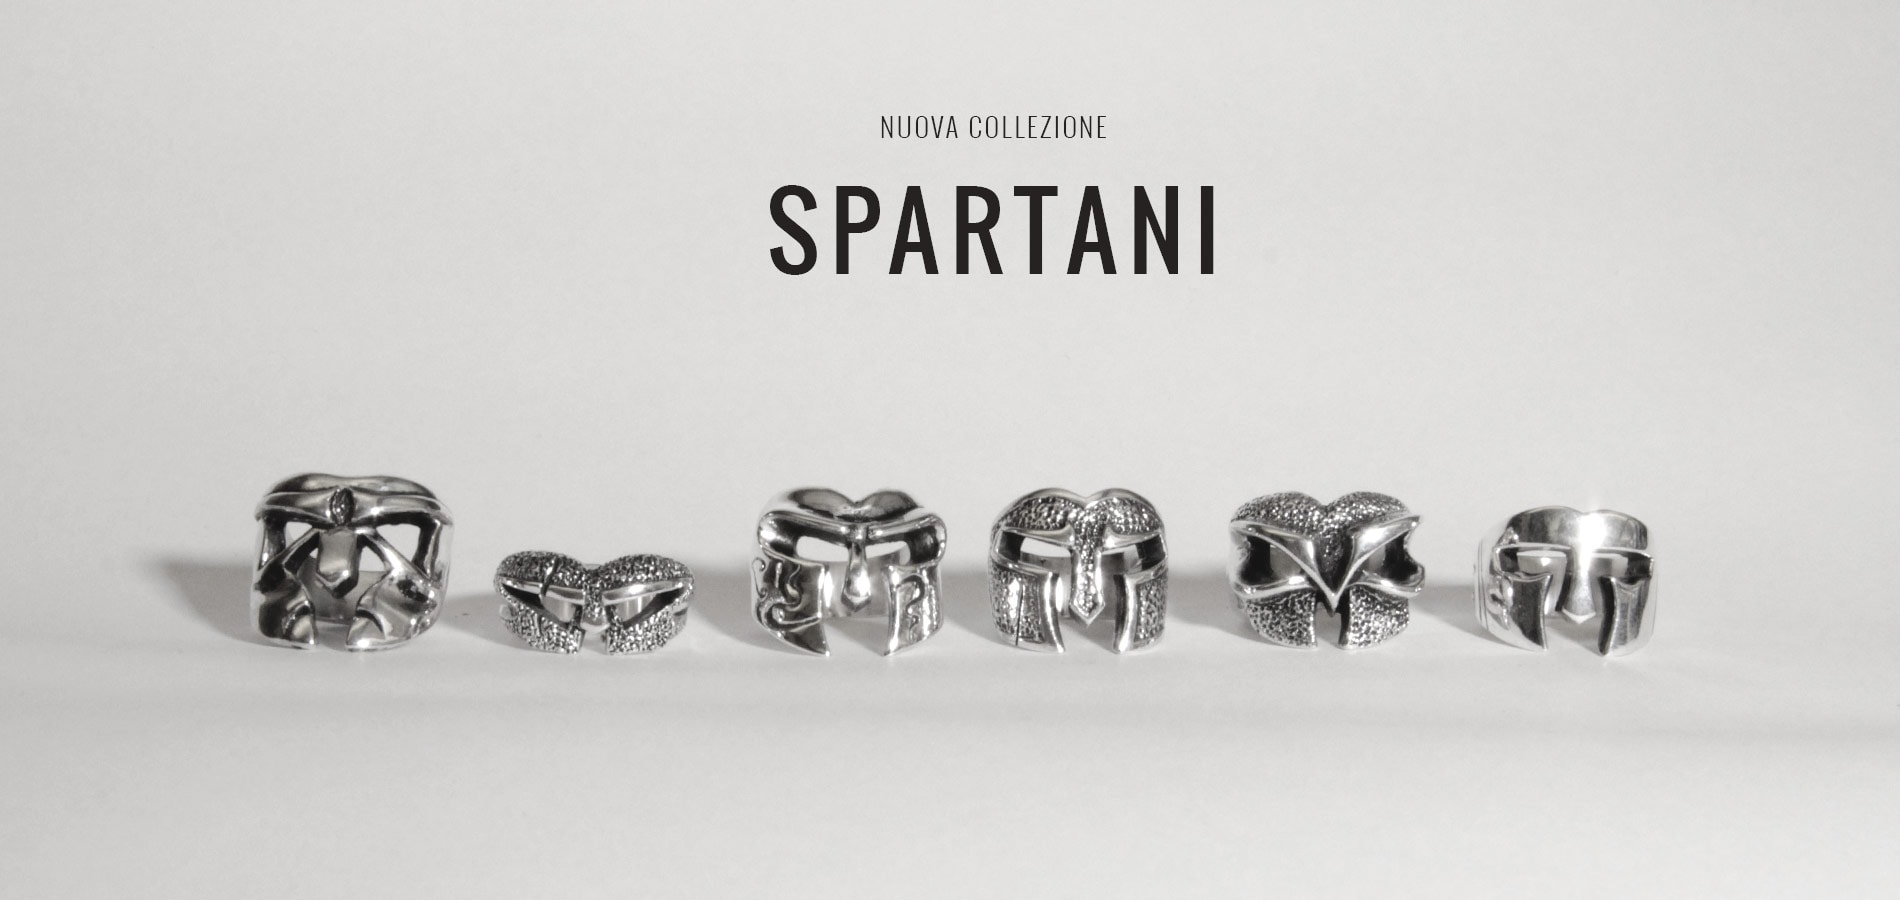 claudio calestani spartani